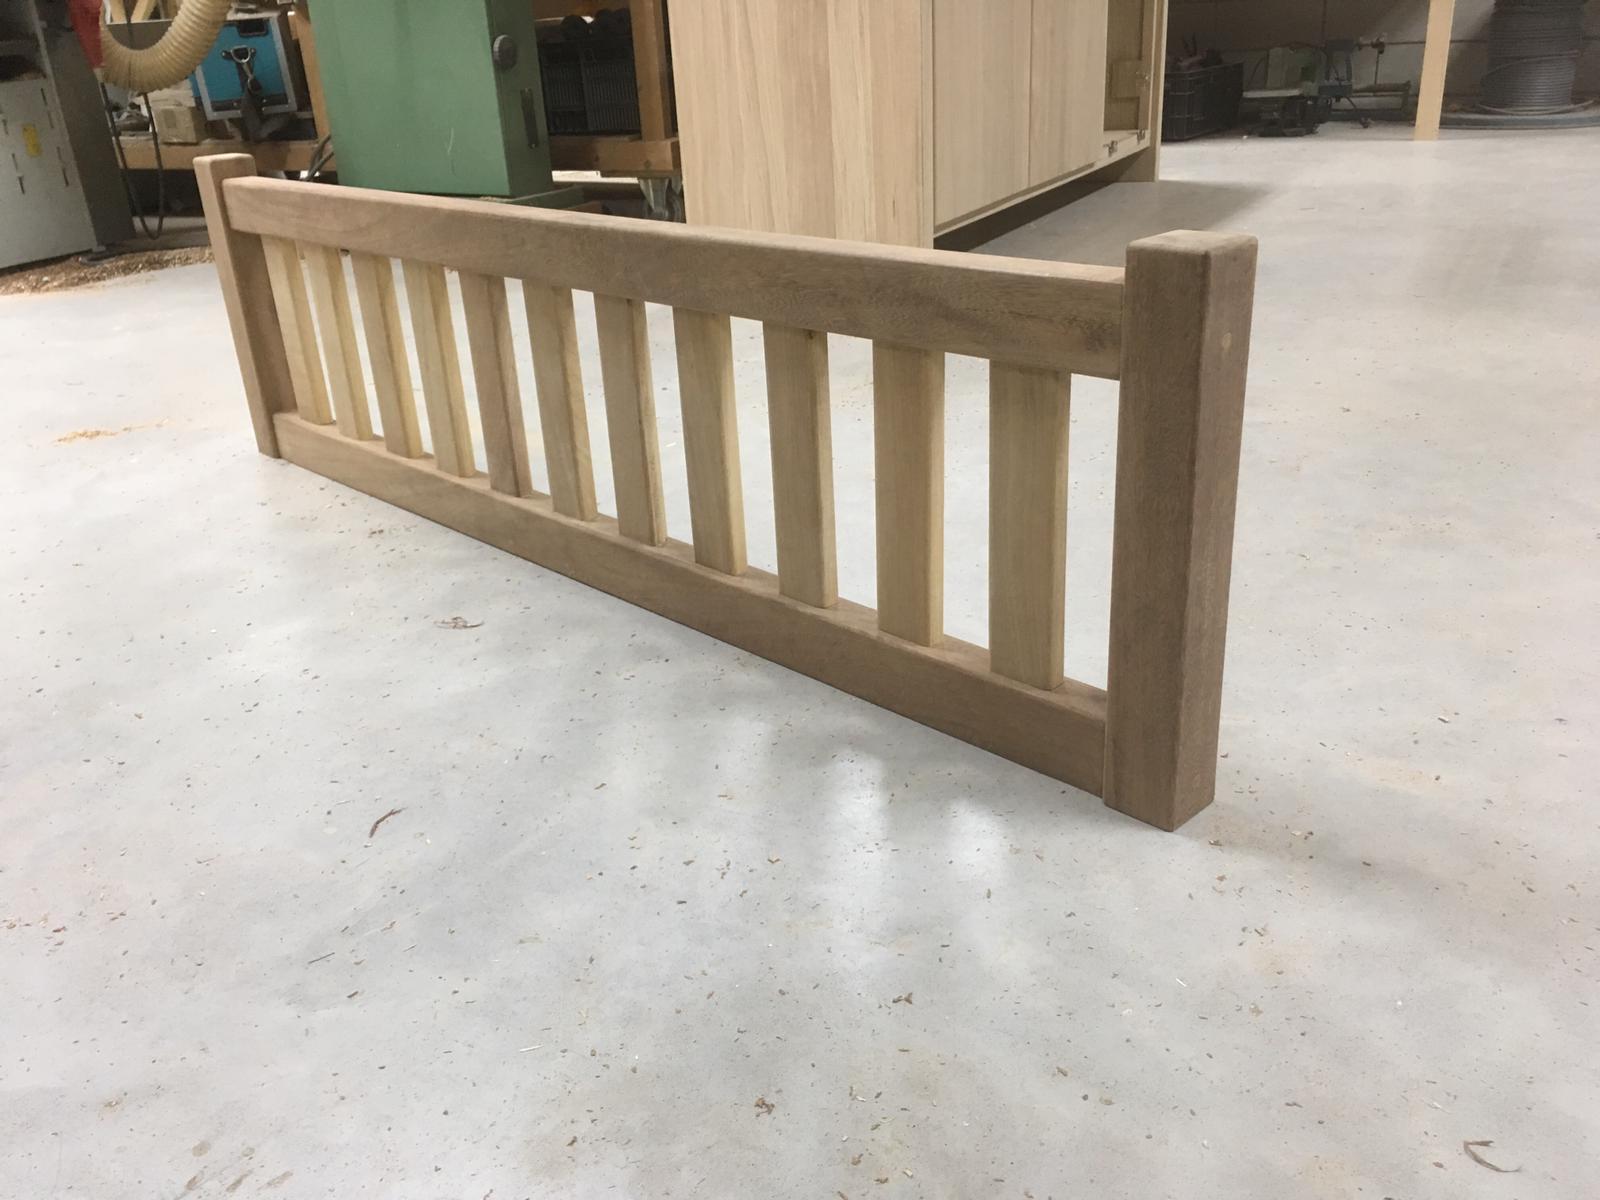 Spiksplinternieuw Houten balustrade Trapgat | Op zoek naar een houten balustrade? HD-73